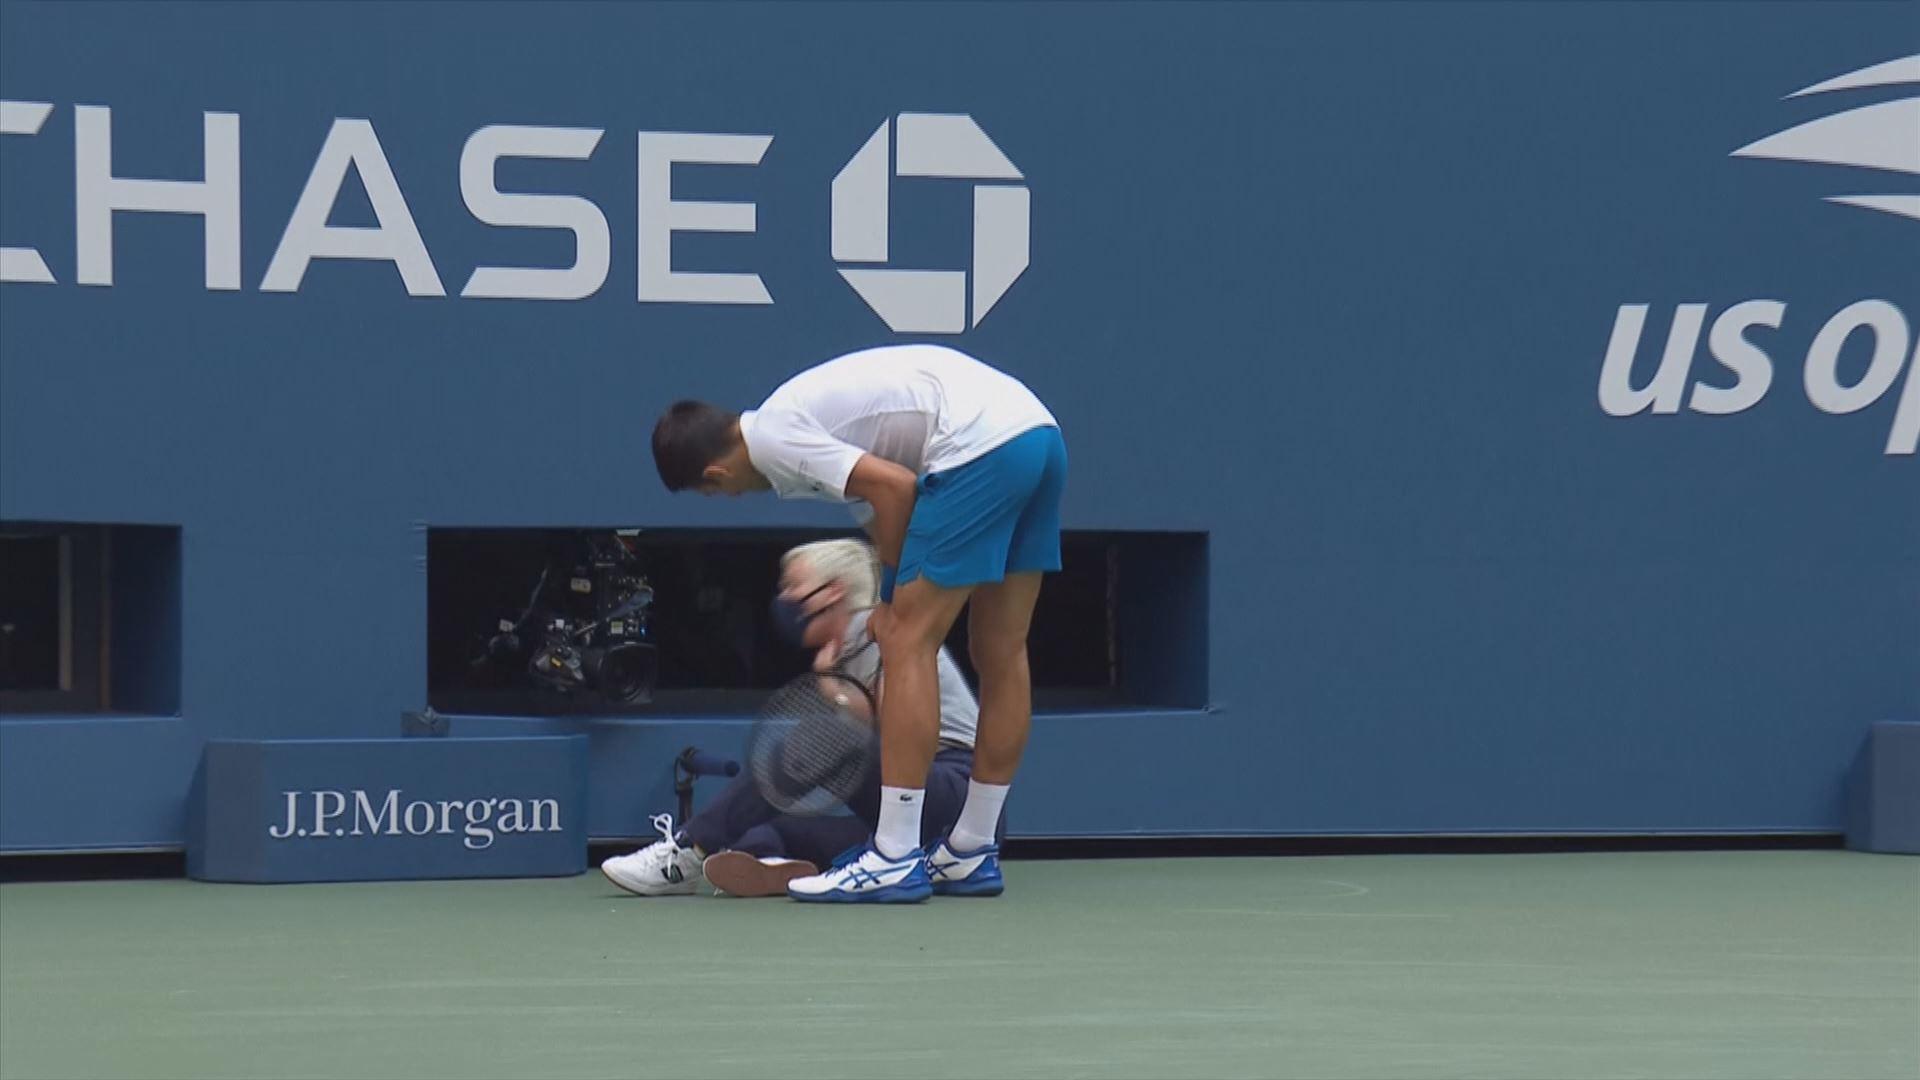 Video Del Pelotazo Involuntario De Djokovic A Una Juez En El Us Open Deportes Eitb